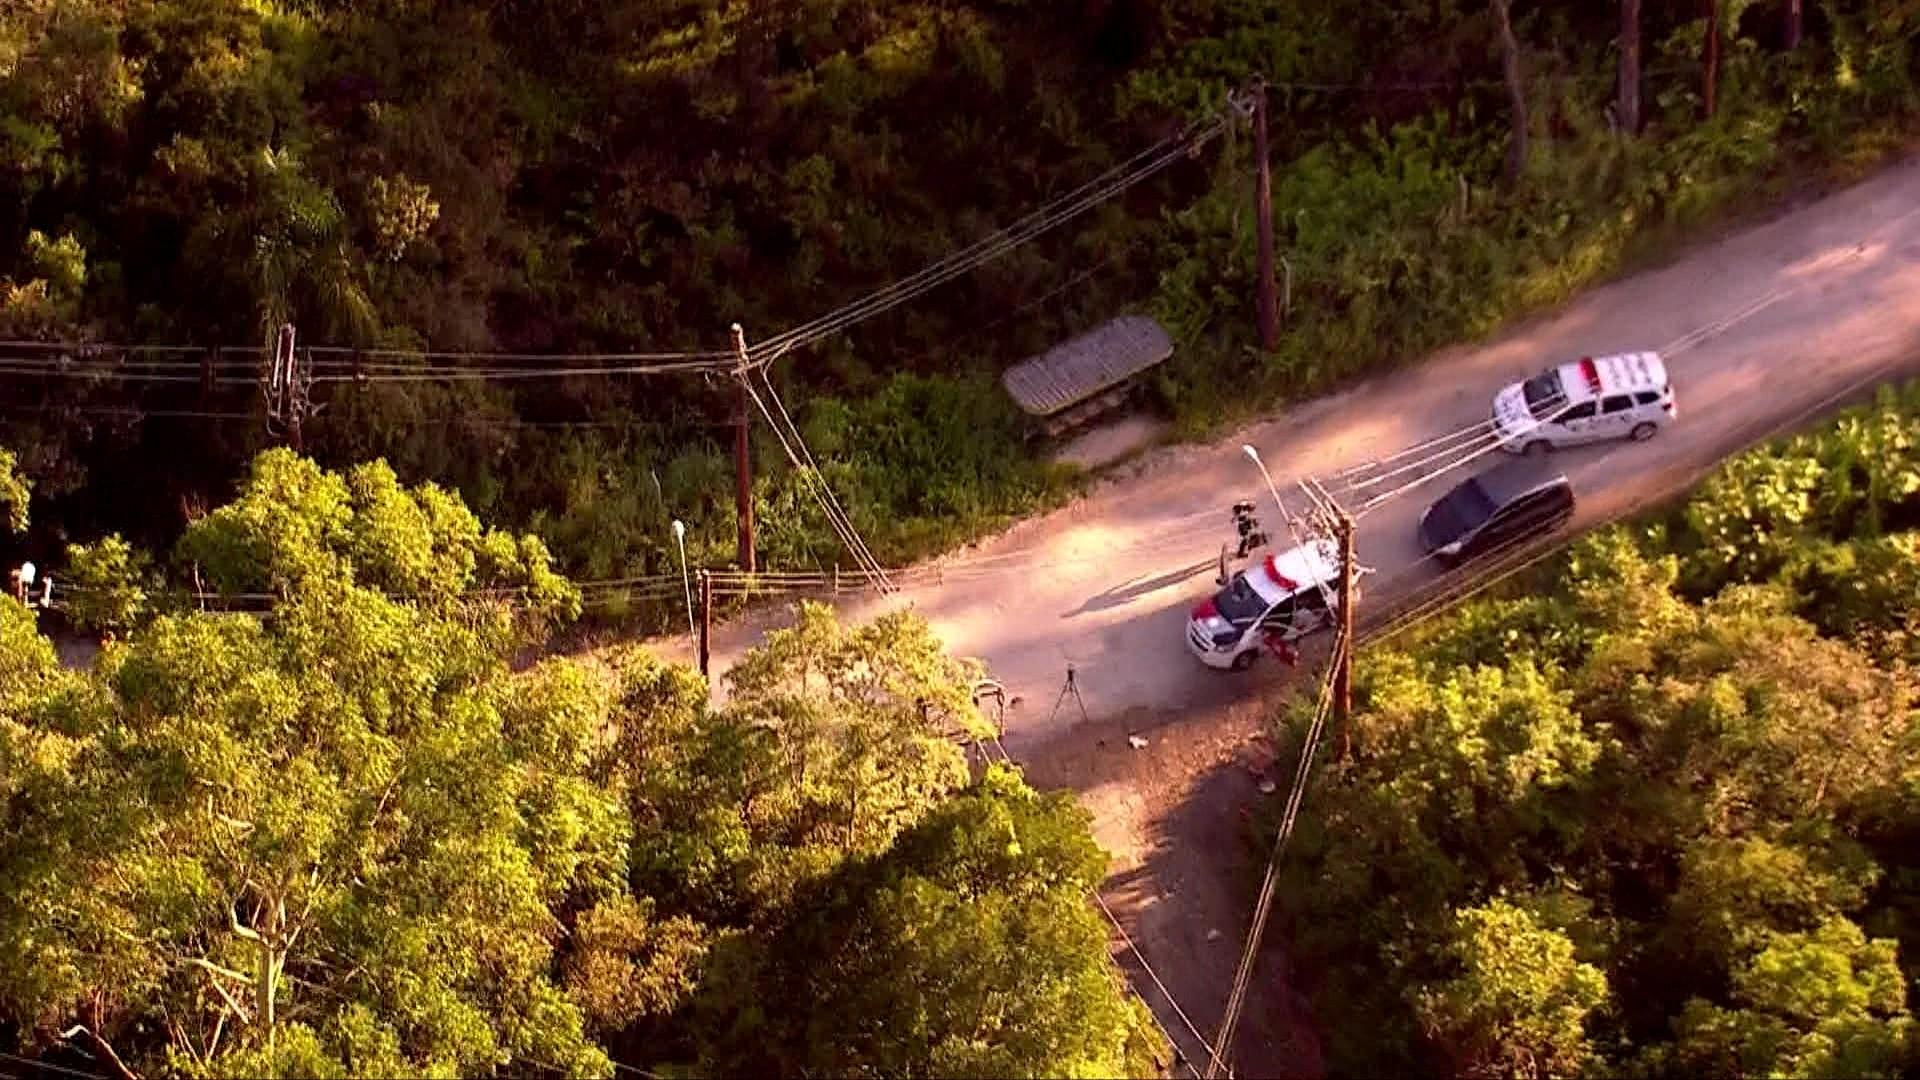 Polícia tenta identificar responsáveis por matar família carbonizada dentro de carro em São Bernardo do Campo